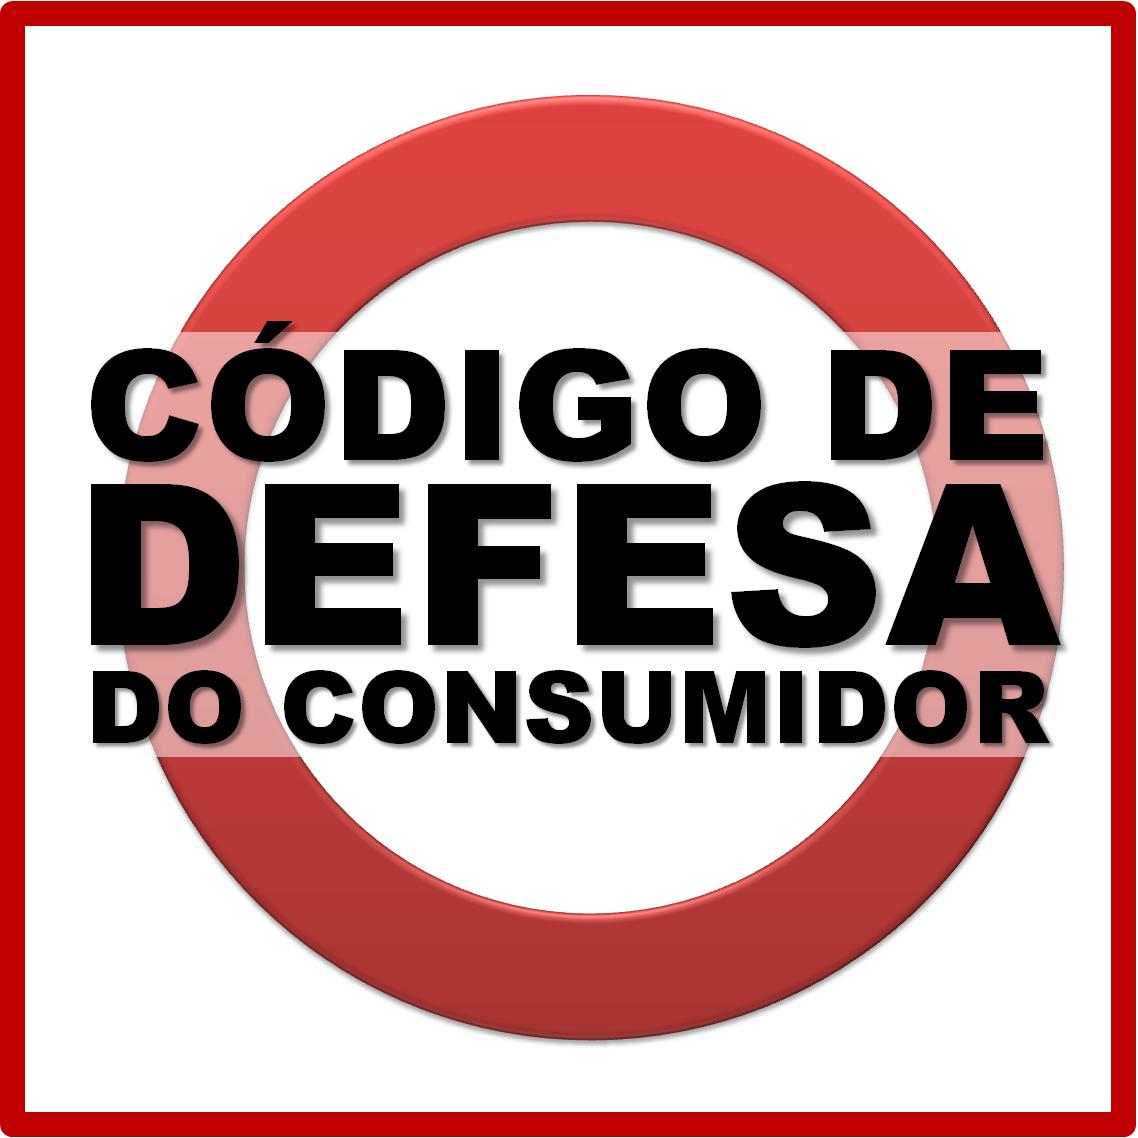 Artigo 53 do codigo de defesa do consumidor